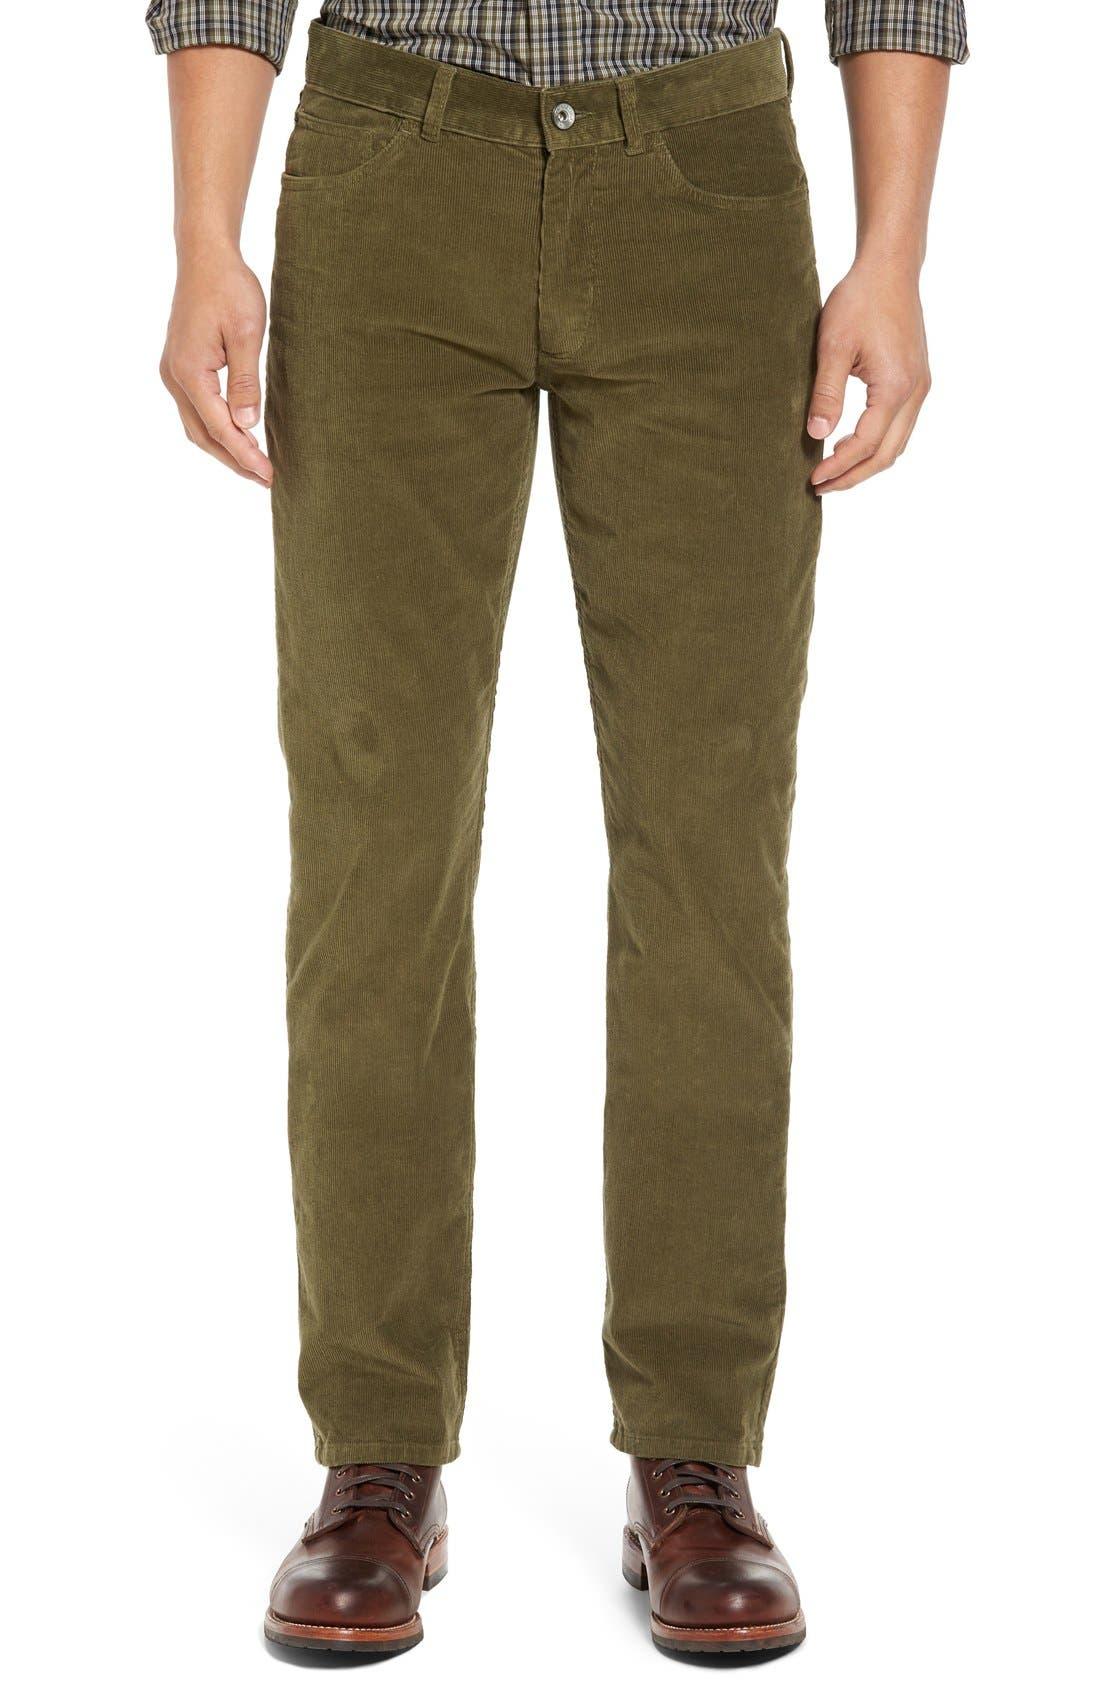 Alternate Image 1 Selected - Victorinox Swiss Army® Industrialist Slim Fit Corduroy Pants